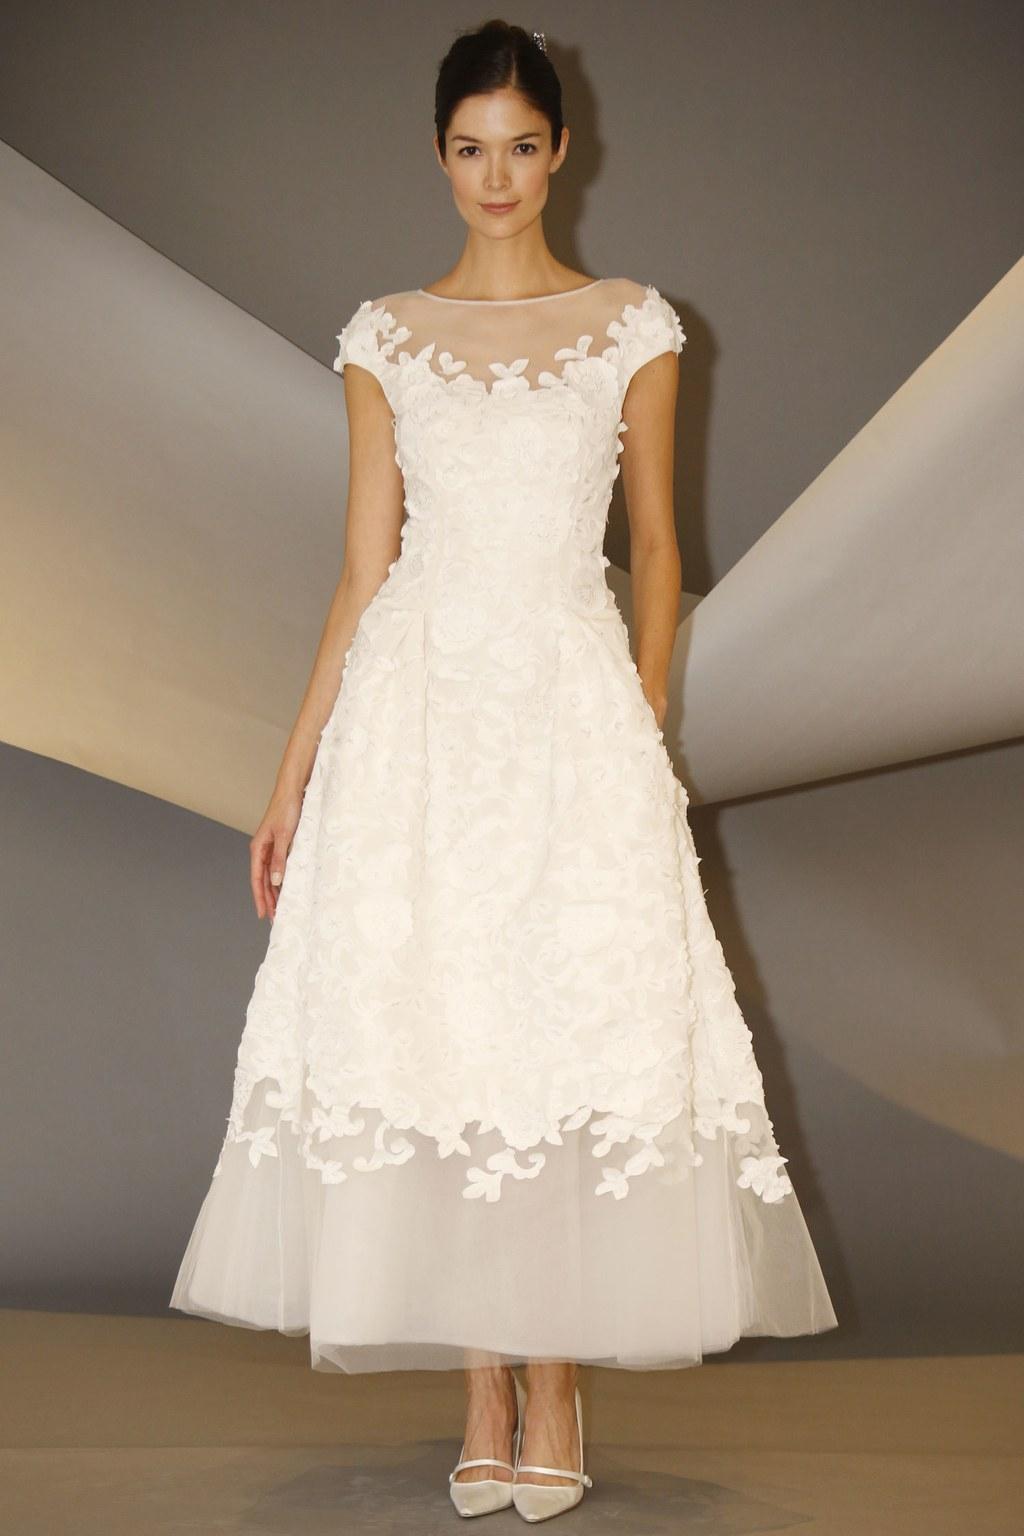 از دلایل شهرت لباس عروس های برند کارولینا هررا میتوان به دوخت لباس عروسهای رنگی اشاره کرد